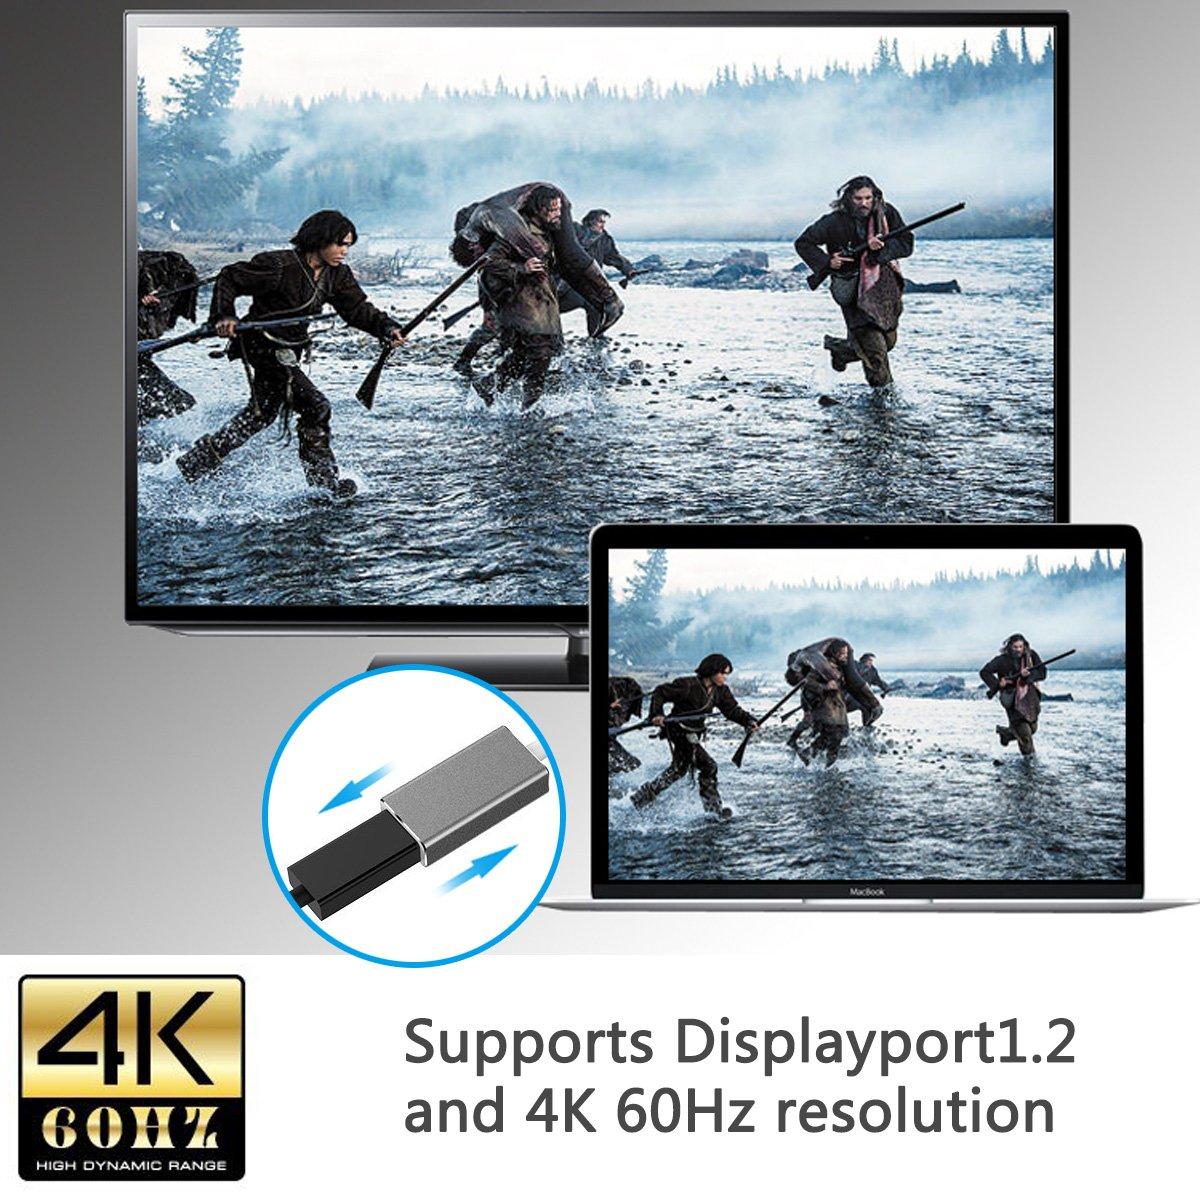 USB tipo C adaptador a Mini DisplayPort, USB-C a Mini DP Cable adaptador, 4K 60 Hz, soporta 4K resolución Uhd para nueva Apple MacBook 2017 y ...